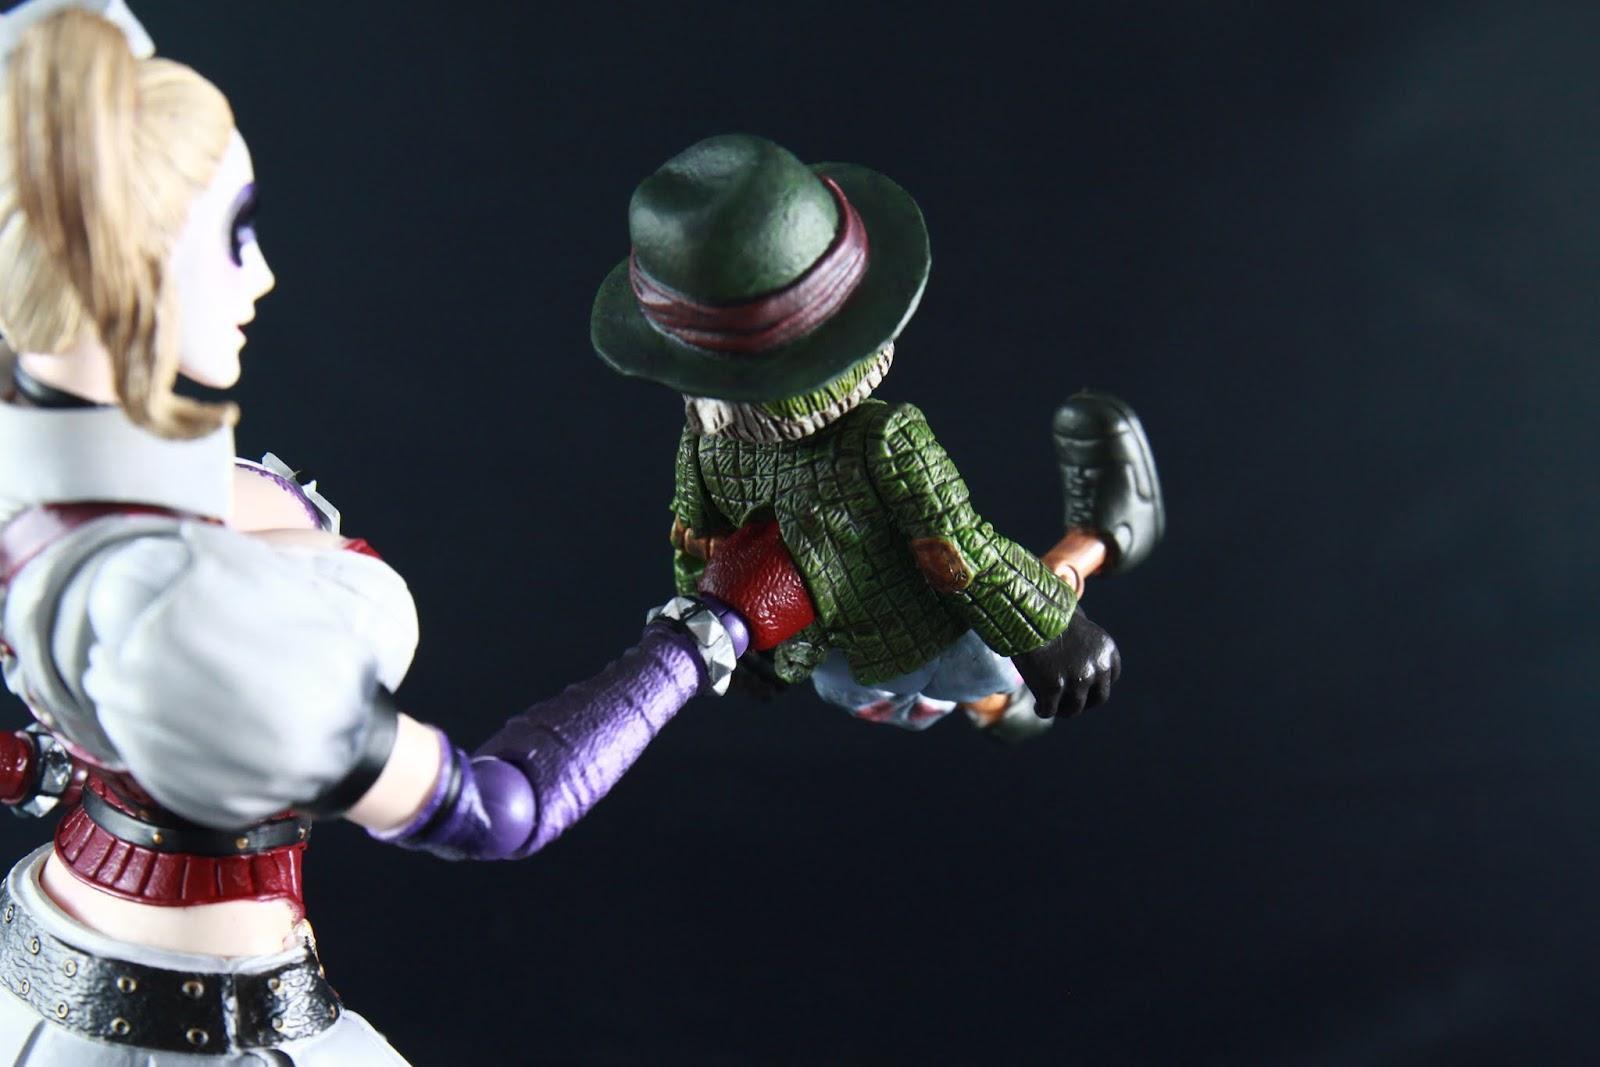 木偶頭跟腳是可動的 雖然幅度都不大 可是雙手則是完全不能動